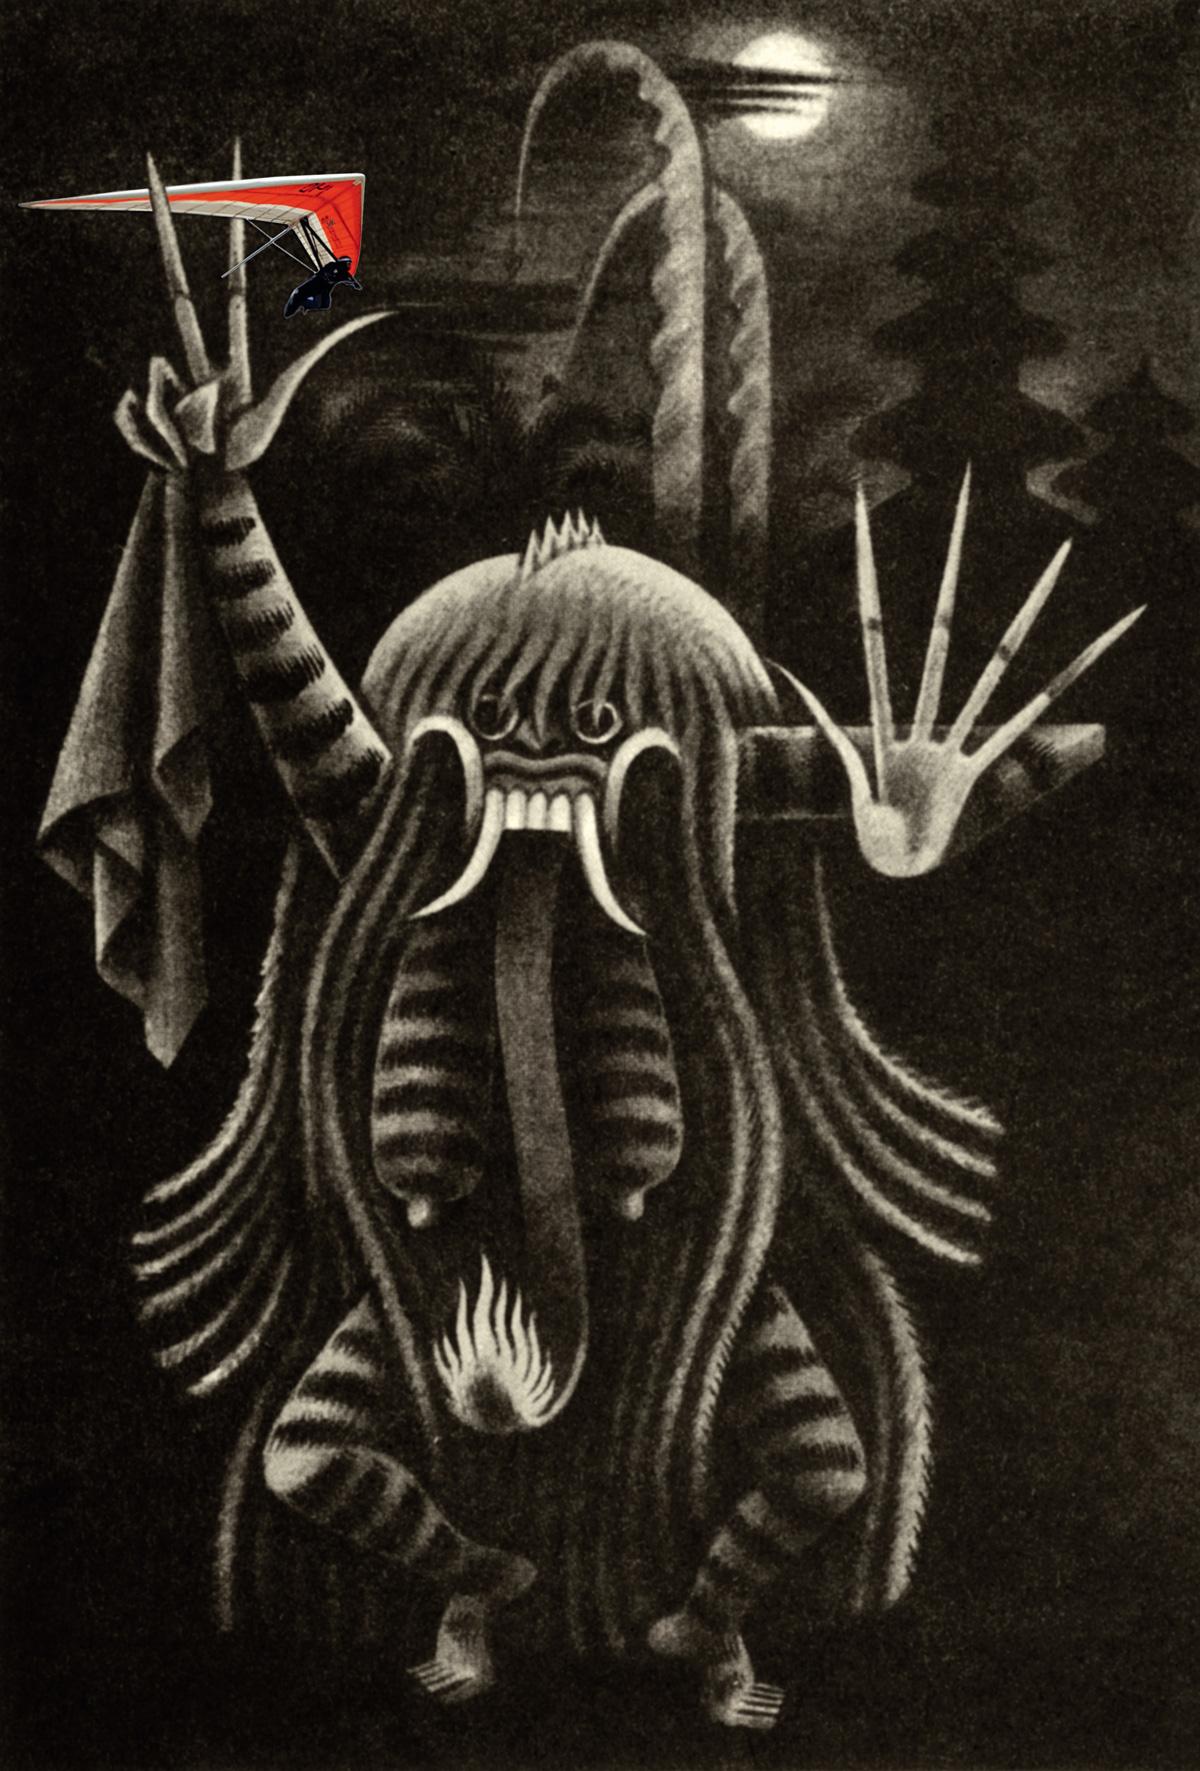 Rangda, a figura do mal na mitologia de Bali, onde Marco Archer venderia os 13,4 quilos de cocaína que levou para a Indonésia na asa-delta